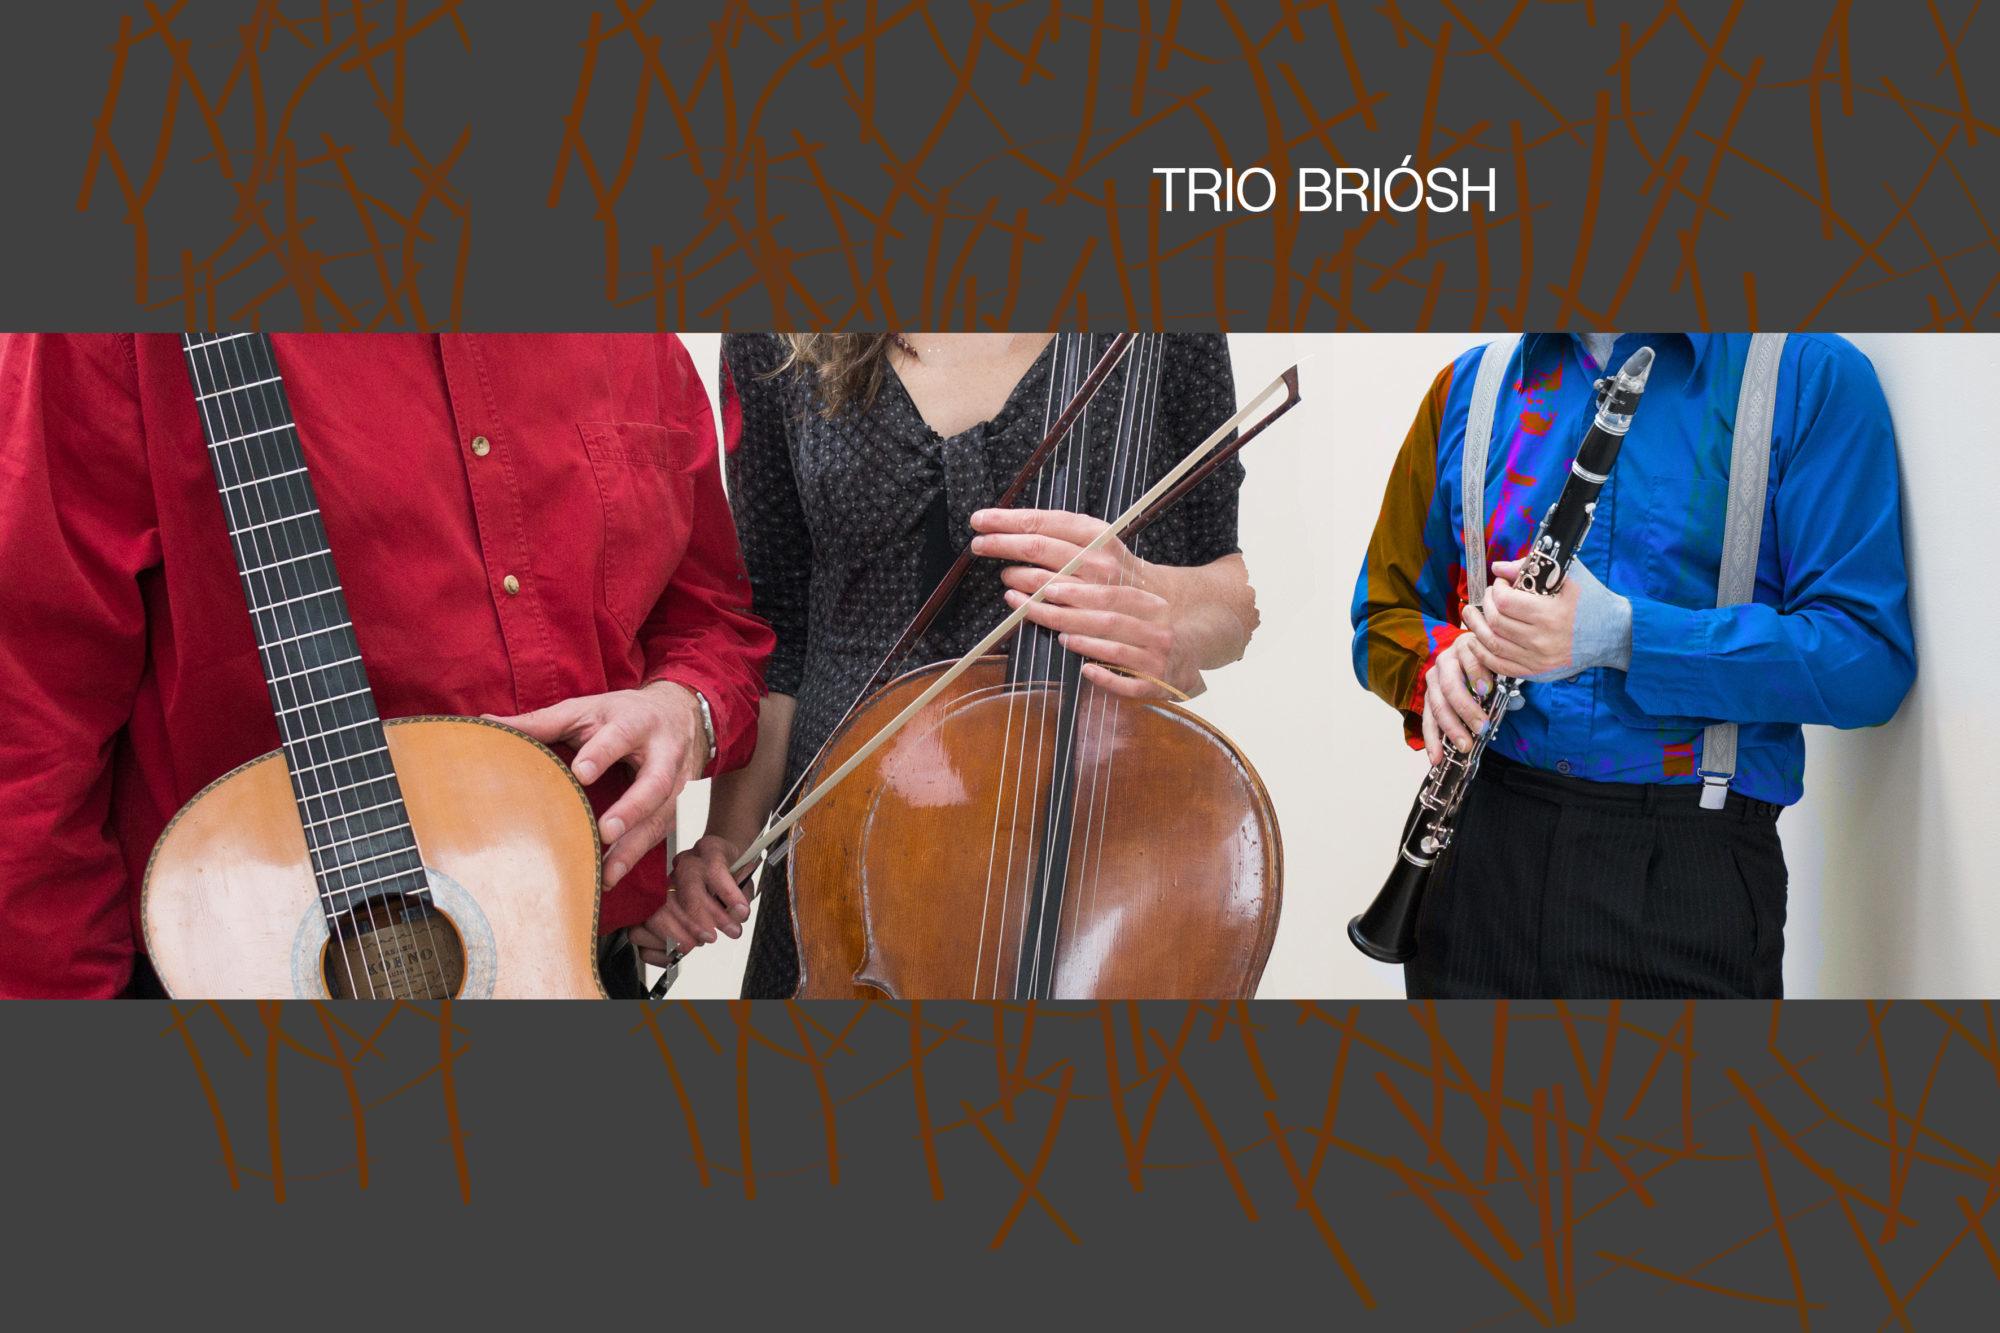 Trio Briosh